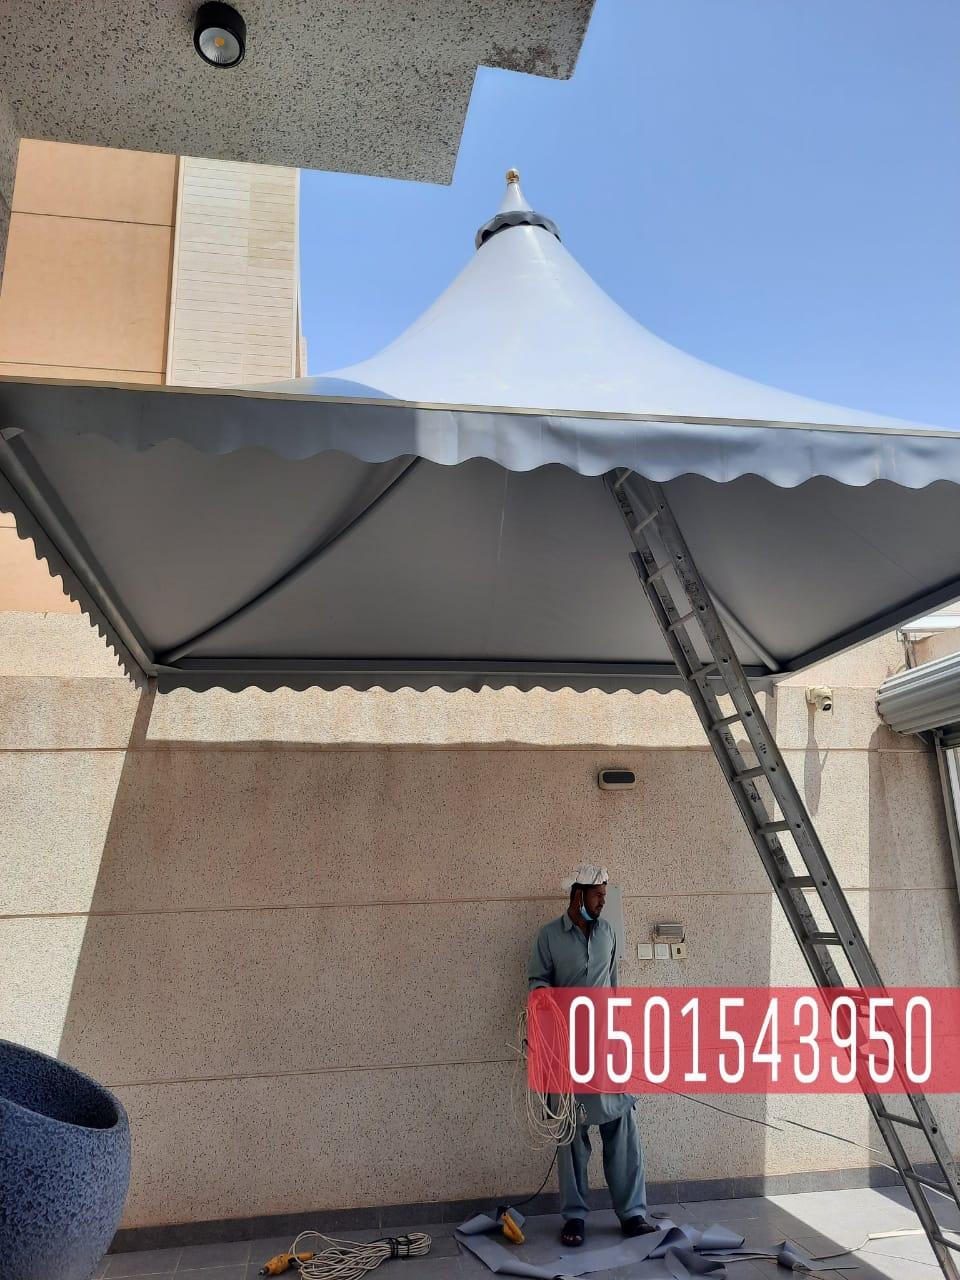 تركيب مظلات سيارات في جدة , 0501543950 P_20865rp5z2